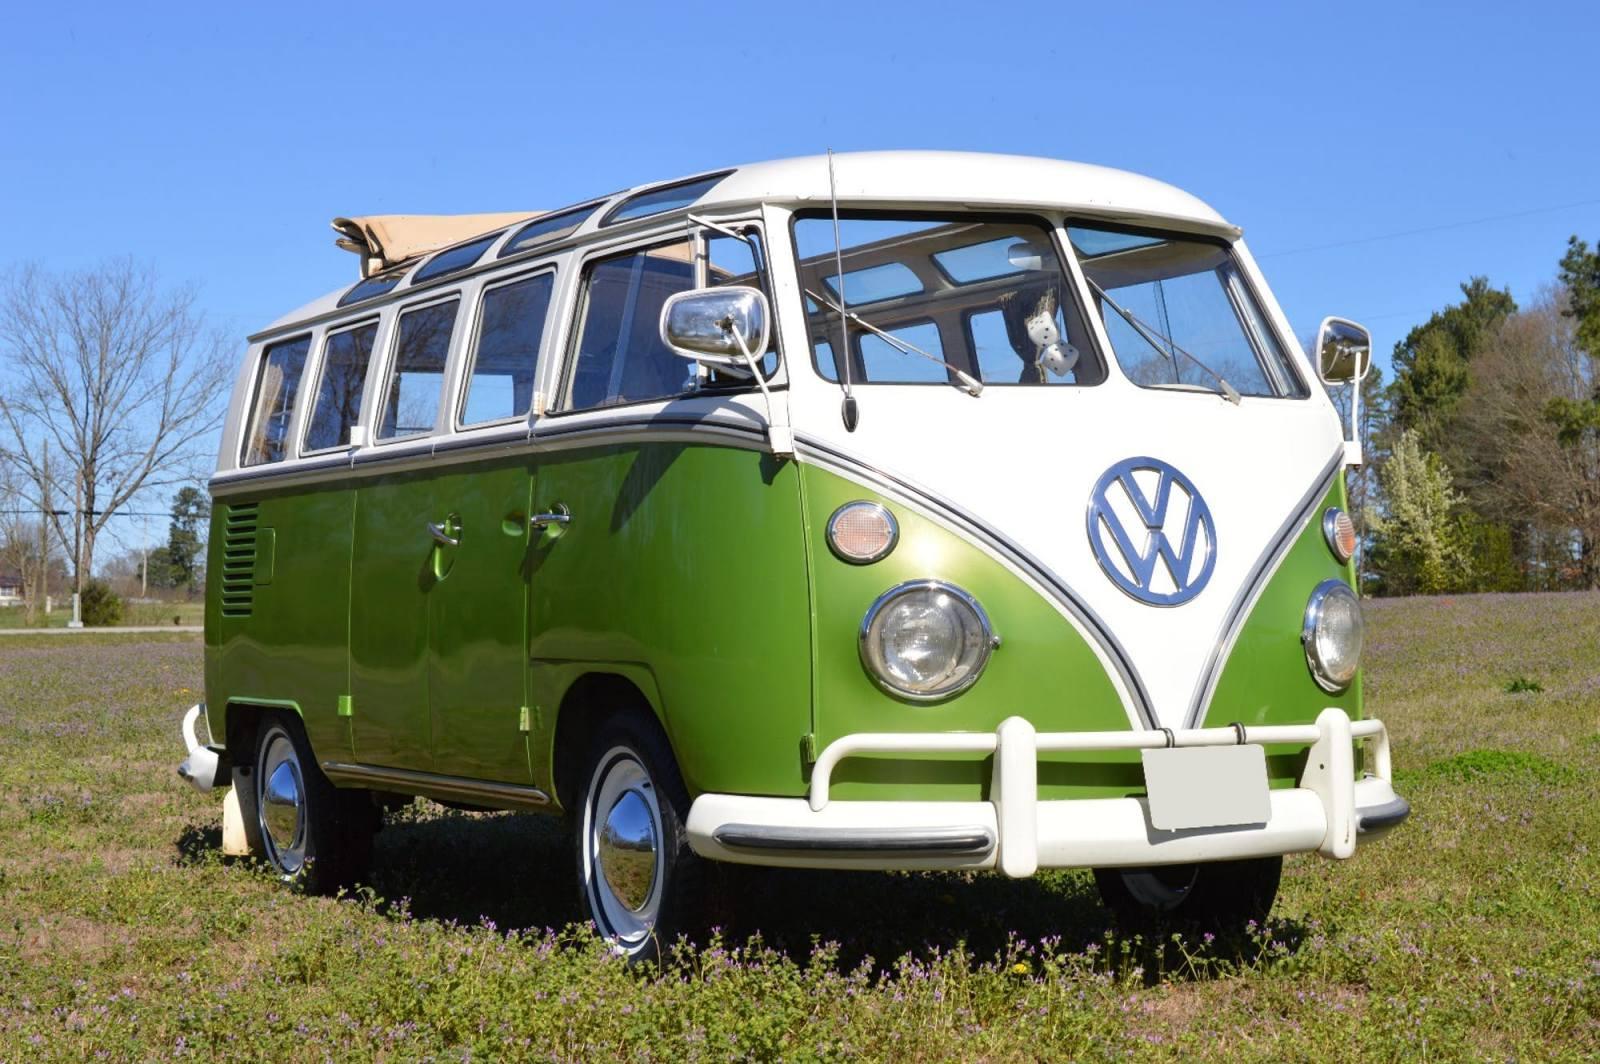 Le Samba Bus 21 fenêtres de la série « That '70s Show » battra-t-il le record de vente aux enchères de janvier 2017 : 302.500 $ (280.000 €)